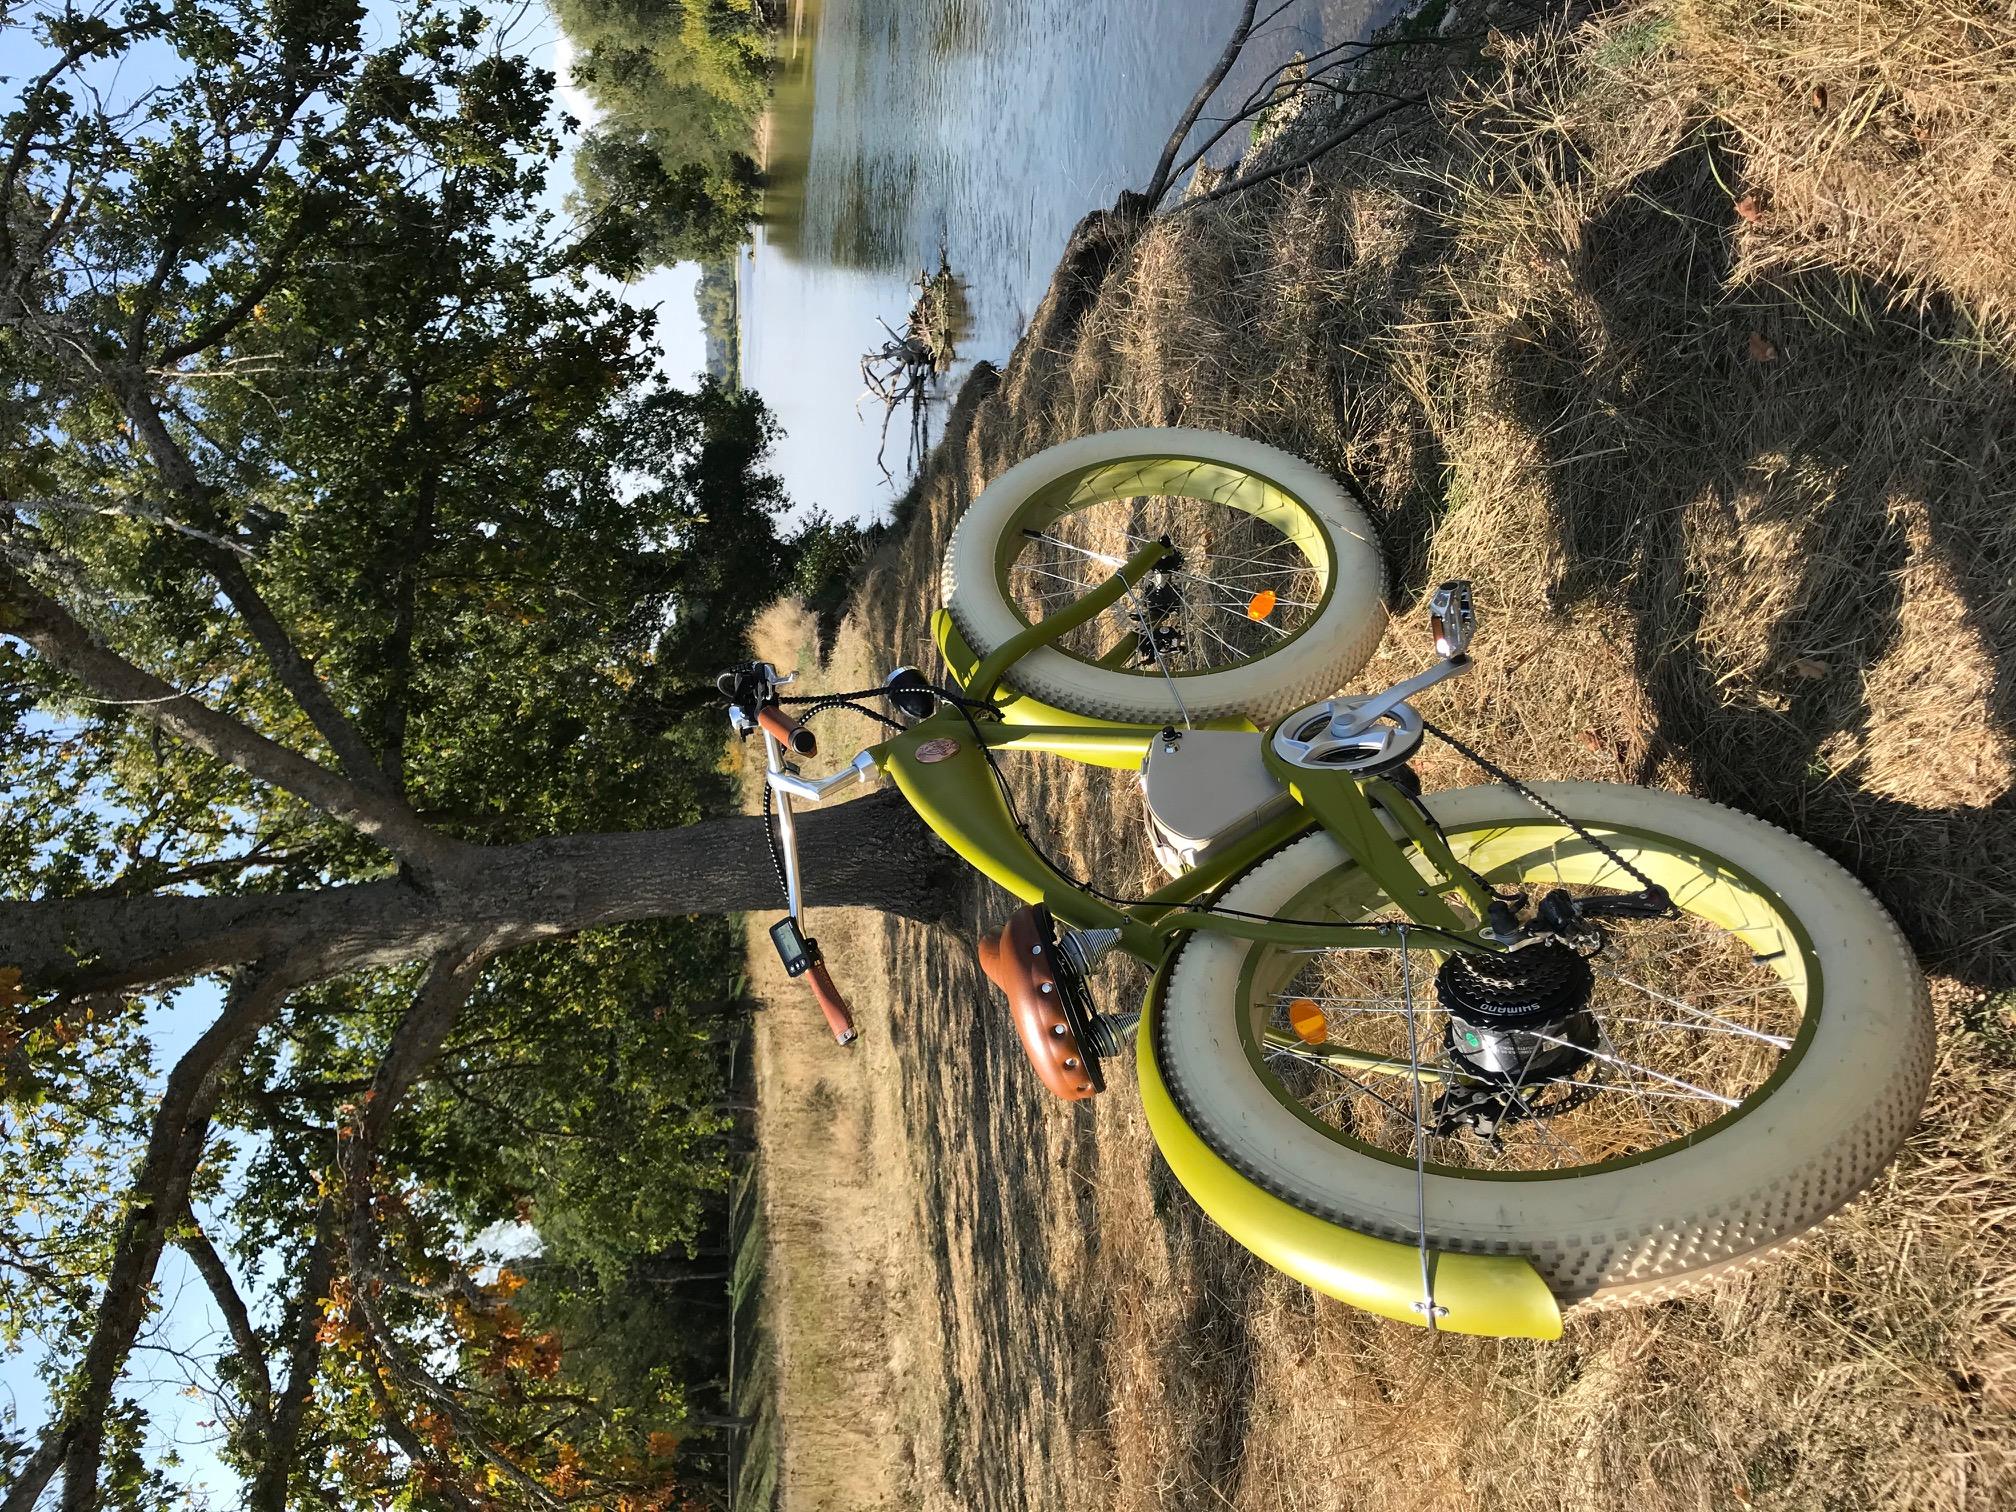 Vélo électrique en location à Mantelot